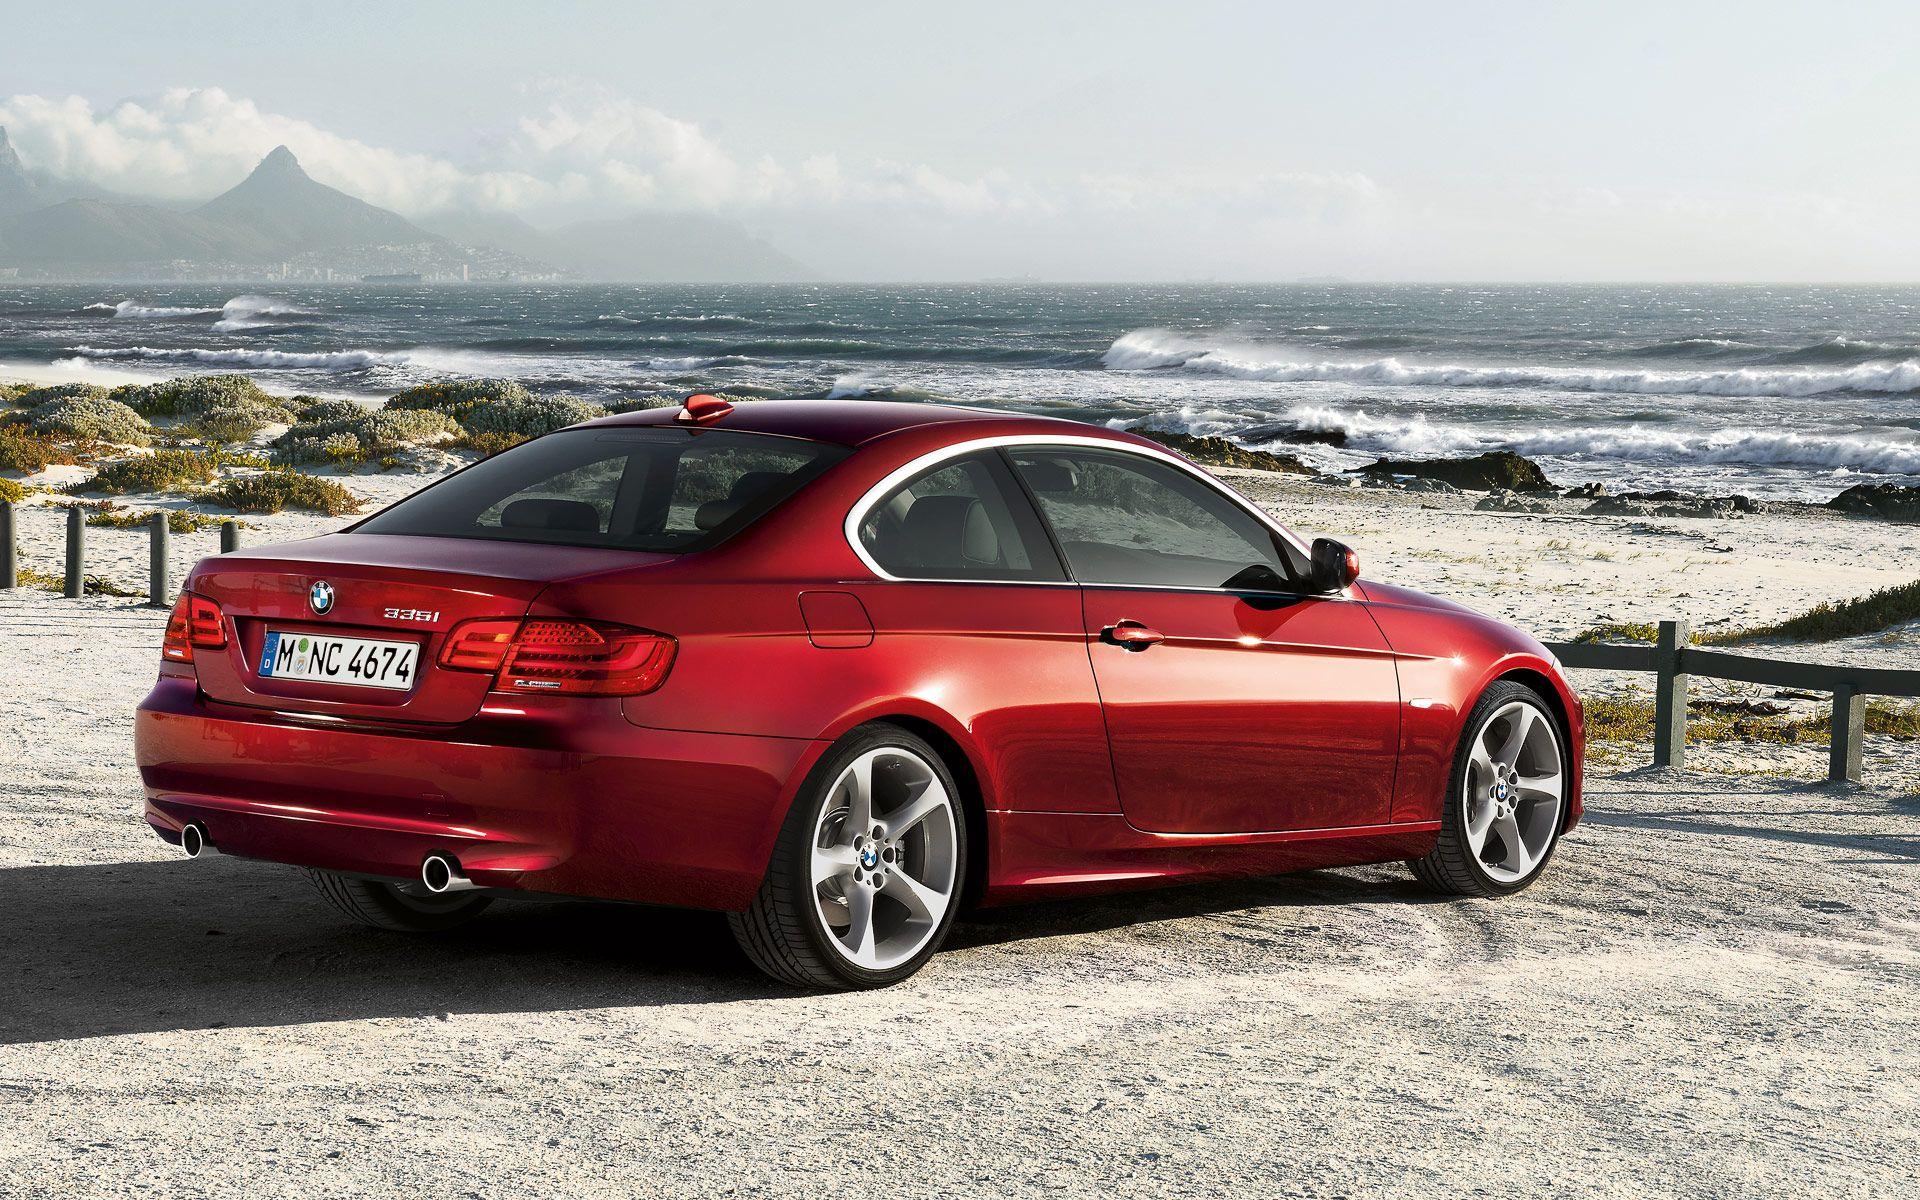 2011 BMW 328i Coupe | BMW | Pinterest | Bmw 328i, BMW and Wheels